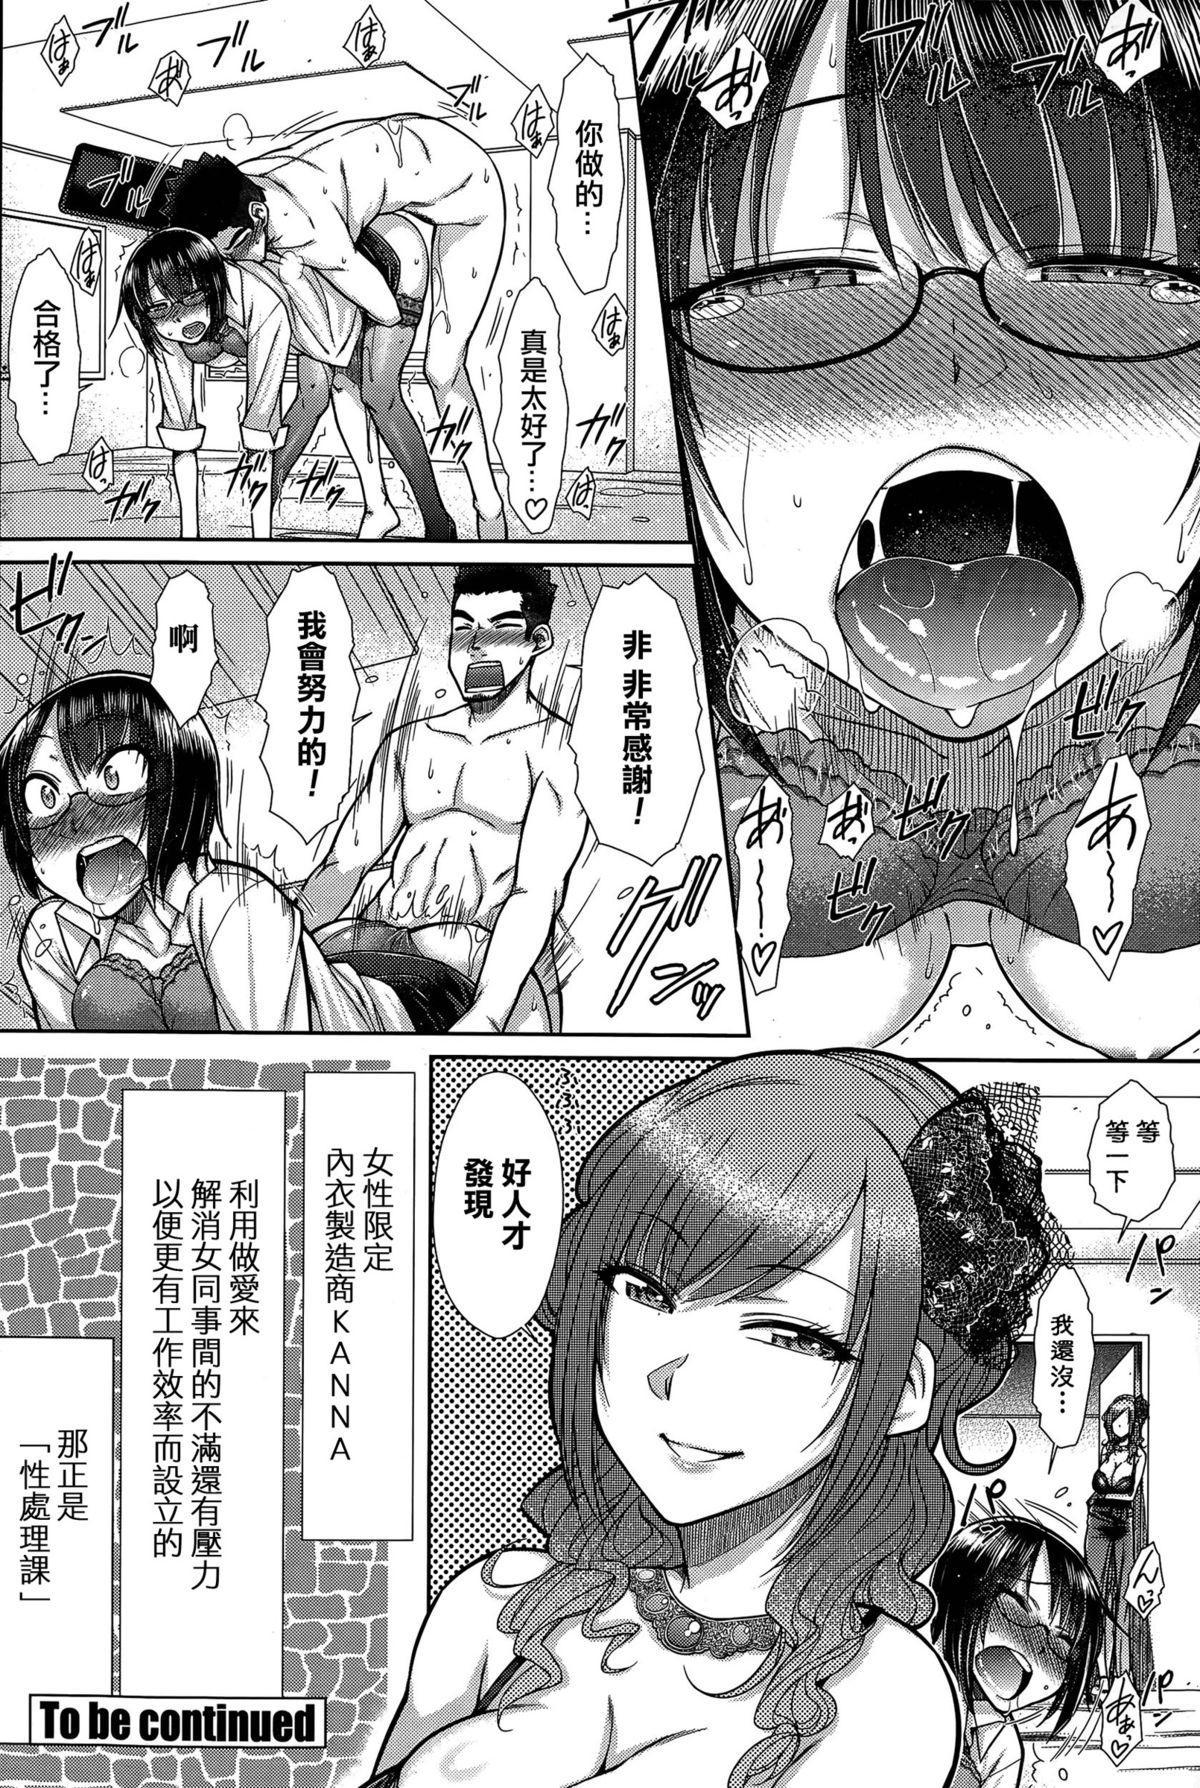 Zetsurin Danshi no Harem Seikatsu Ch. 1-5 19